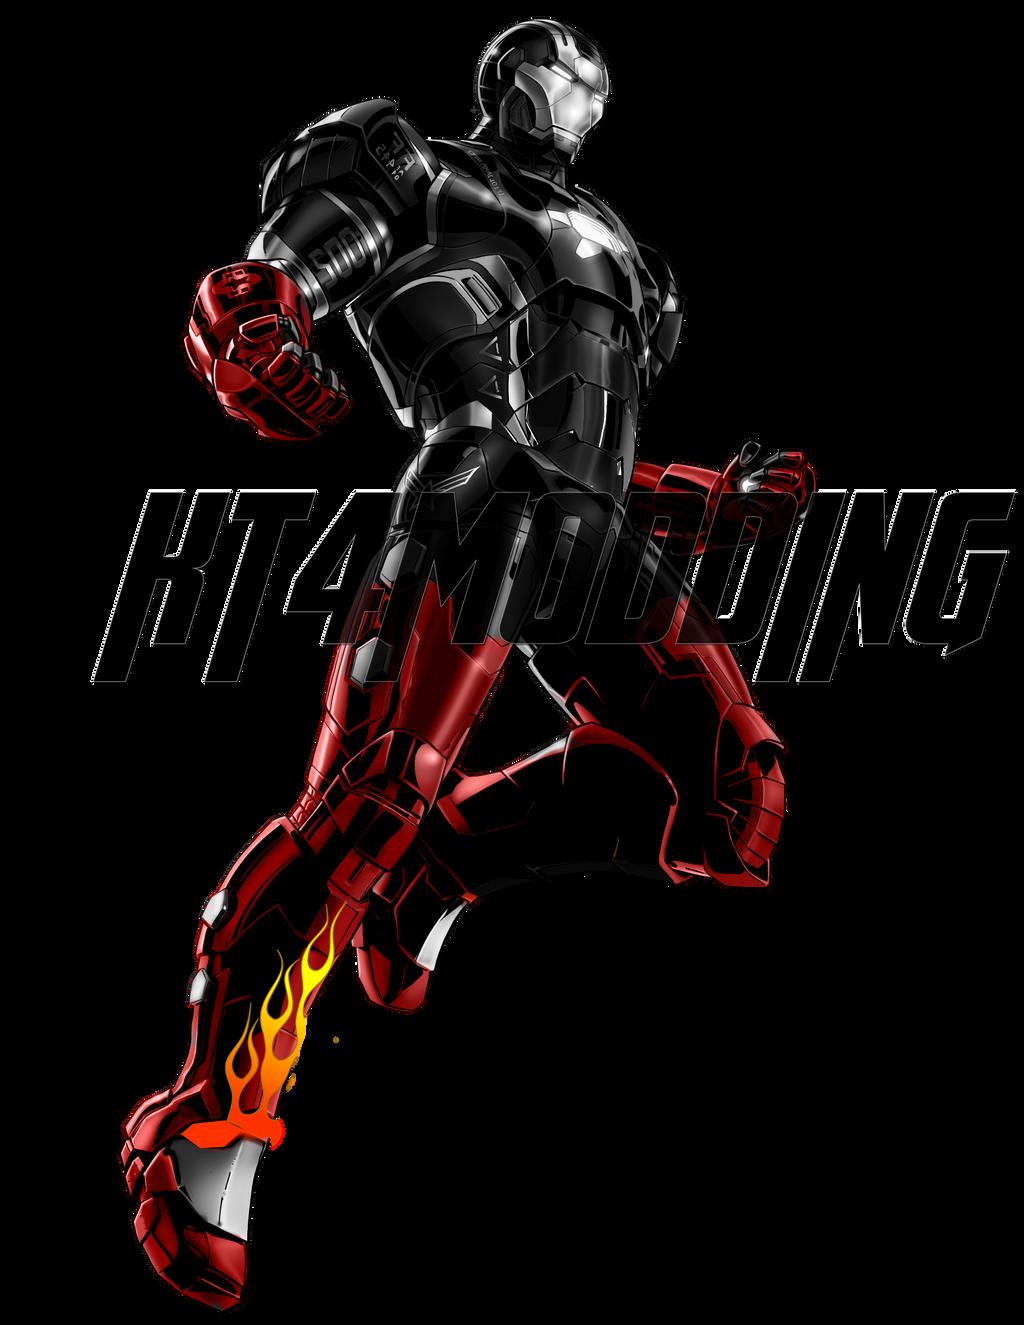 KT4MODDING Marvel Avengers Alliance Iron Man MK-22 by ...